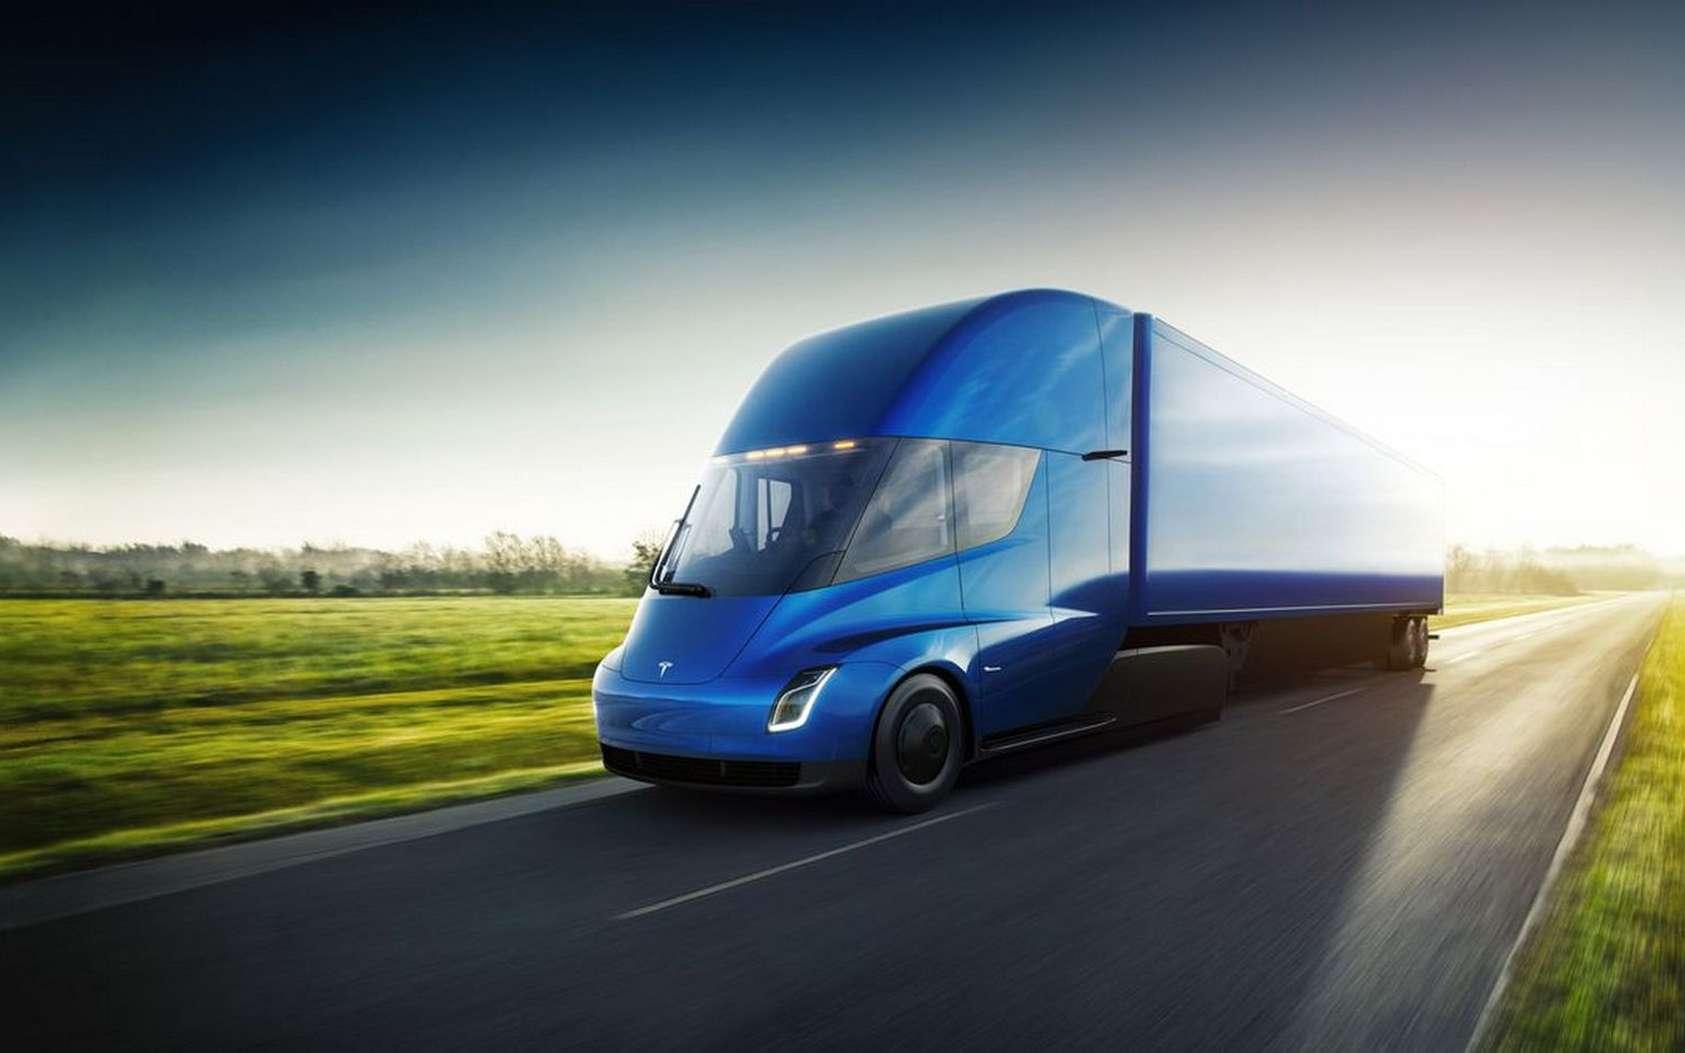 Le camion électrique Tesla devient réalité. © Tesla